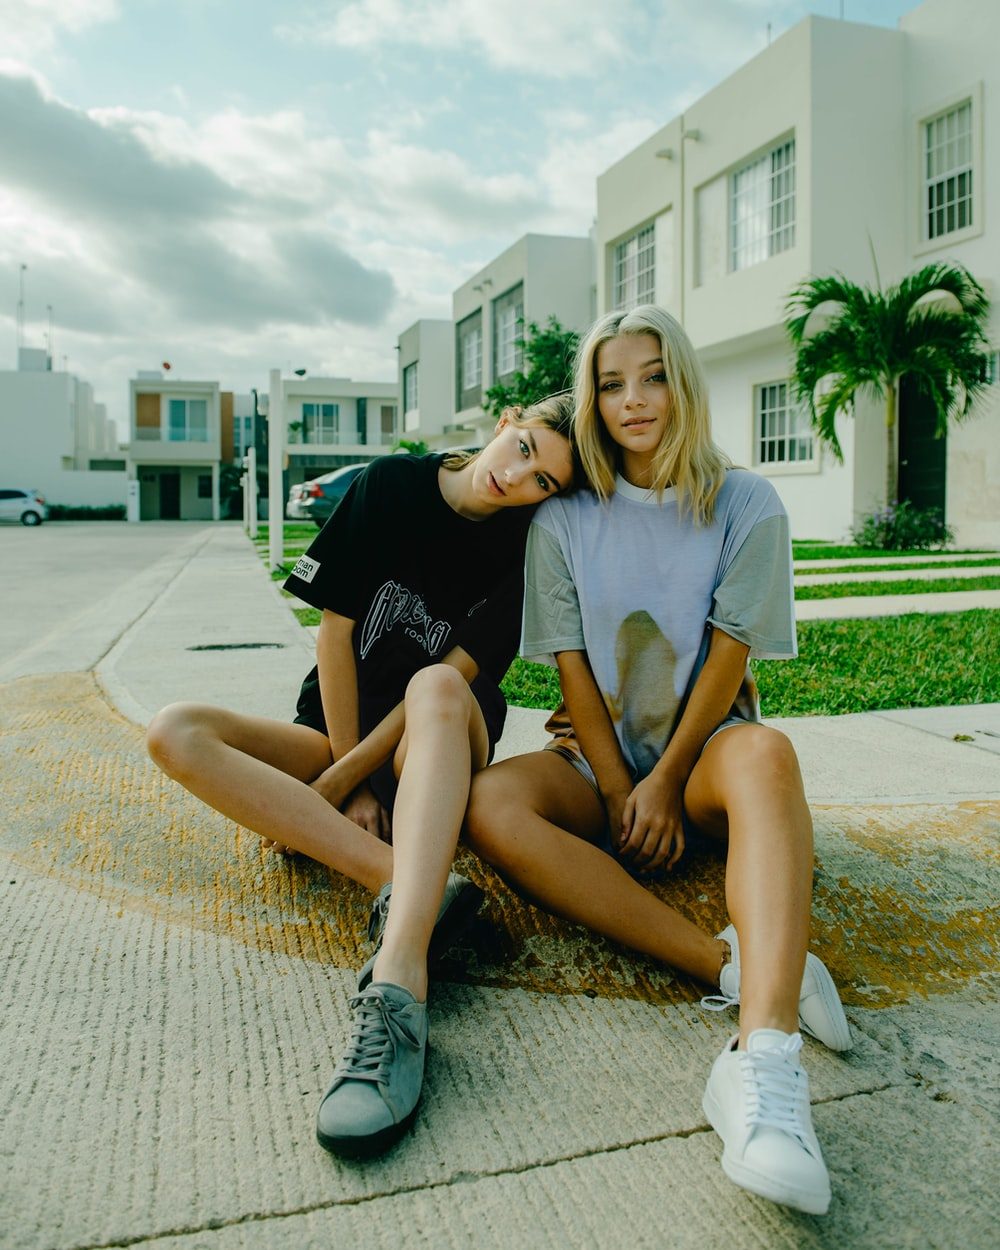 two women sitting on pavement blocks